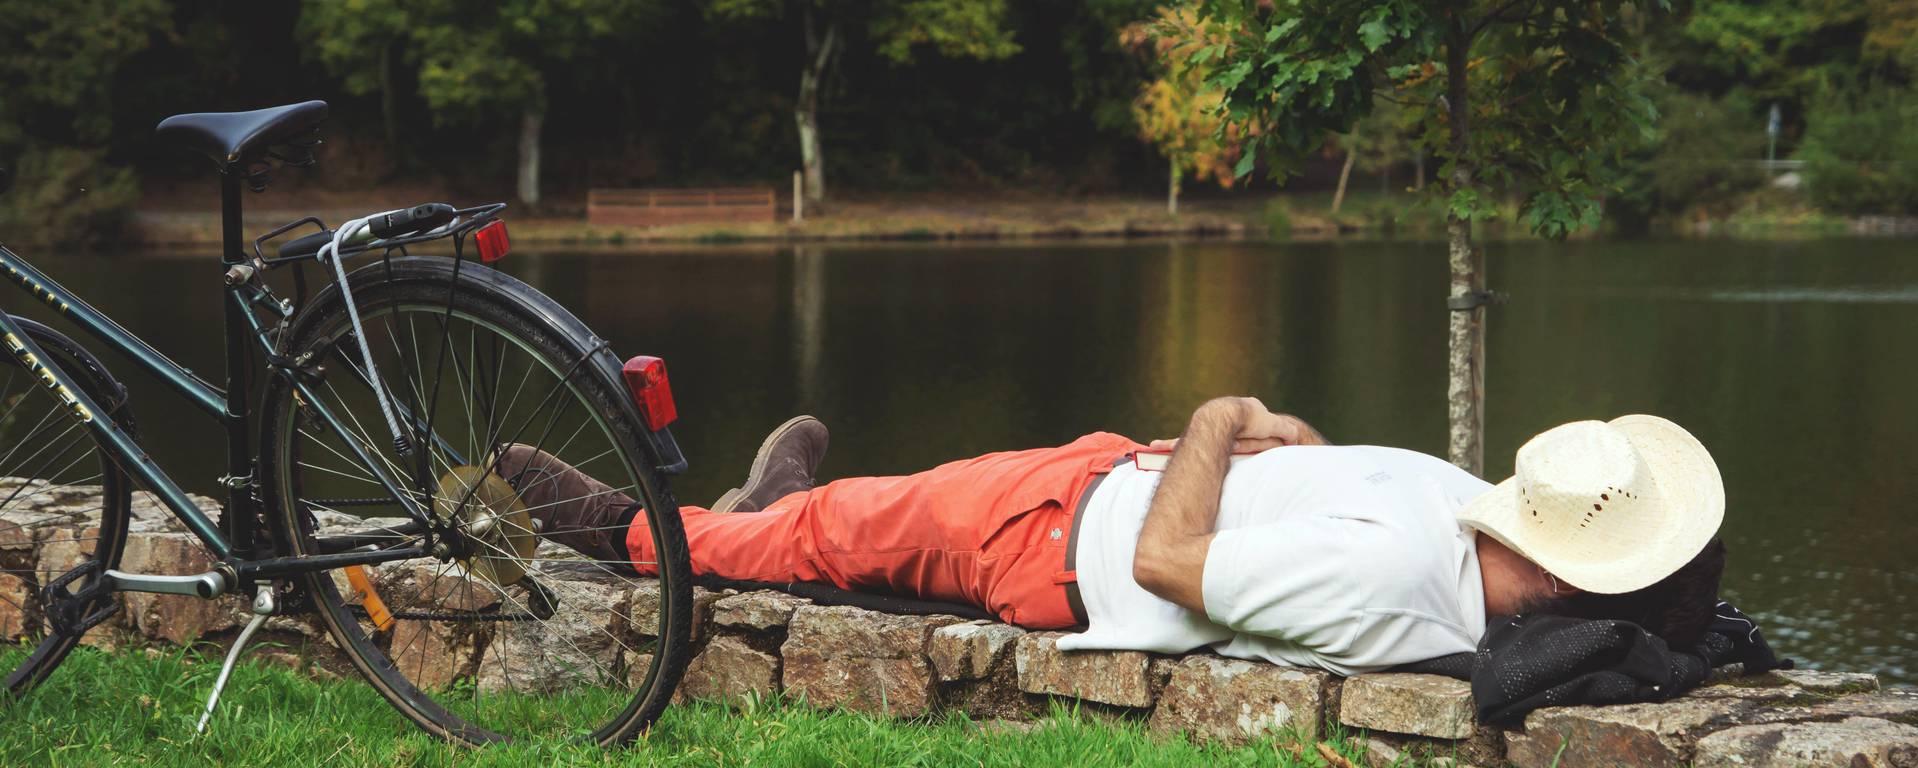 Sieste au Pôle de Loisirs du Lac © PUK